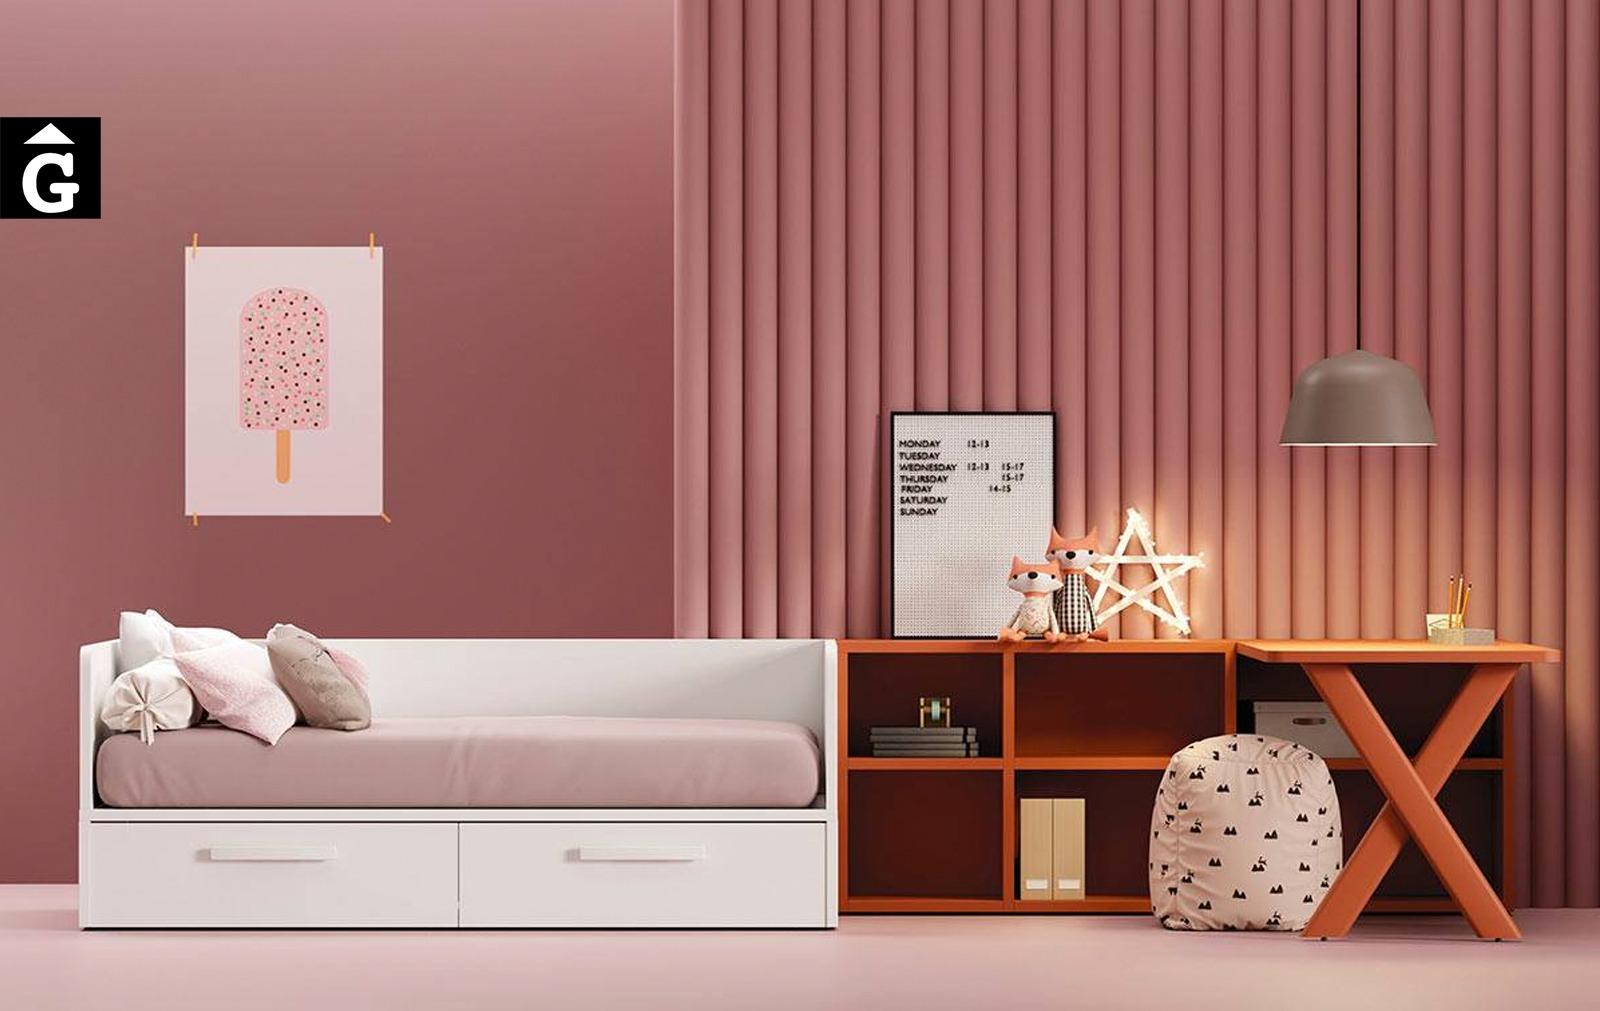 Habitació amb llit niu 2 calaixos   Jove   Minimal   Joven   lagrama   mobles Gifreu